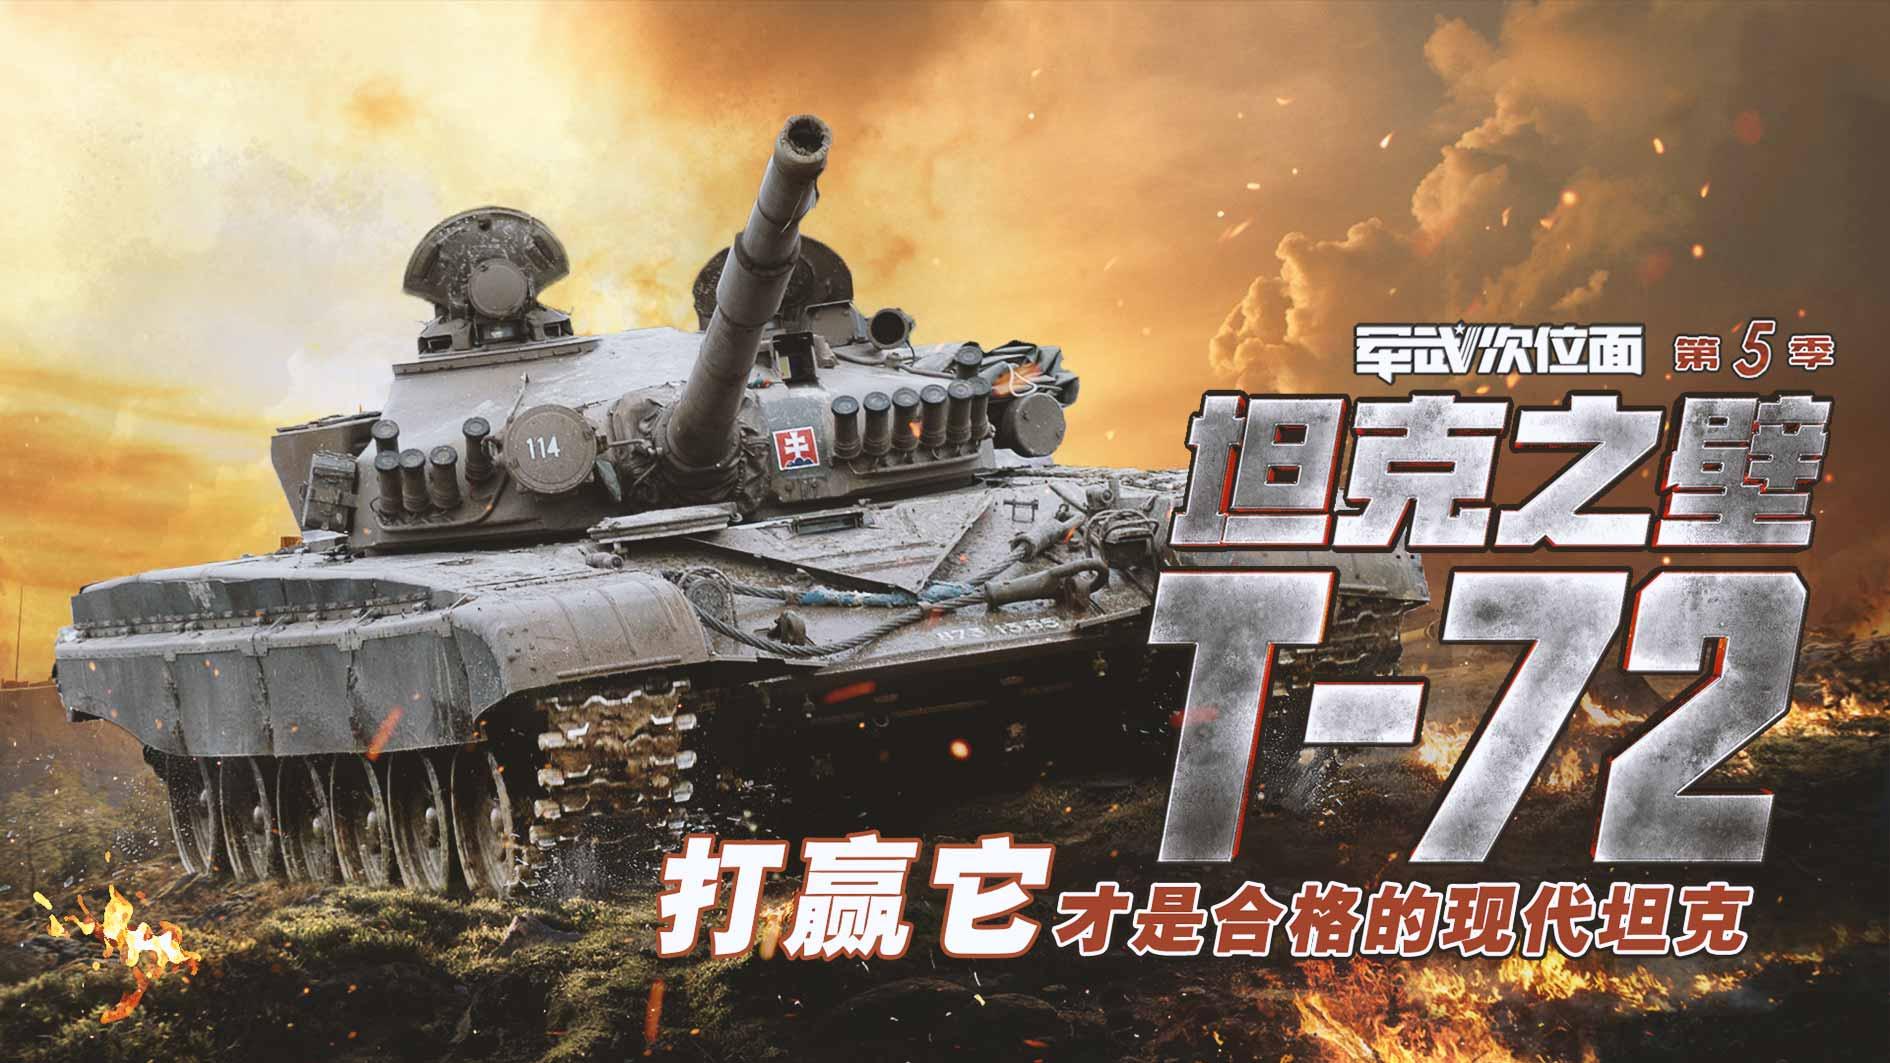 世界上首款有复合装甲的量产型坦克 半个世纪后仍在各国陆军做主力